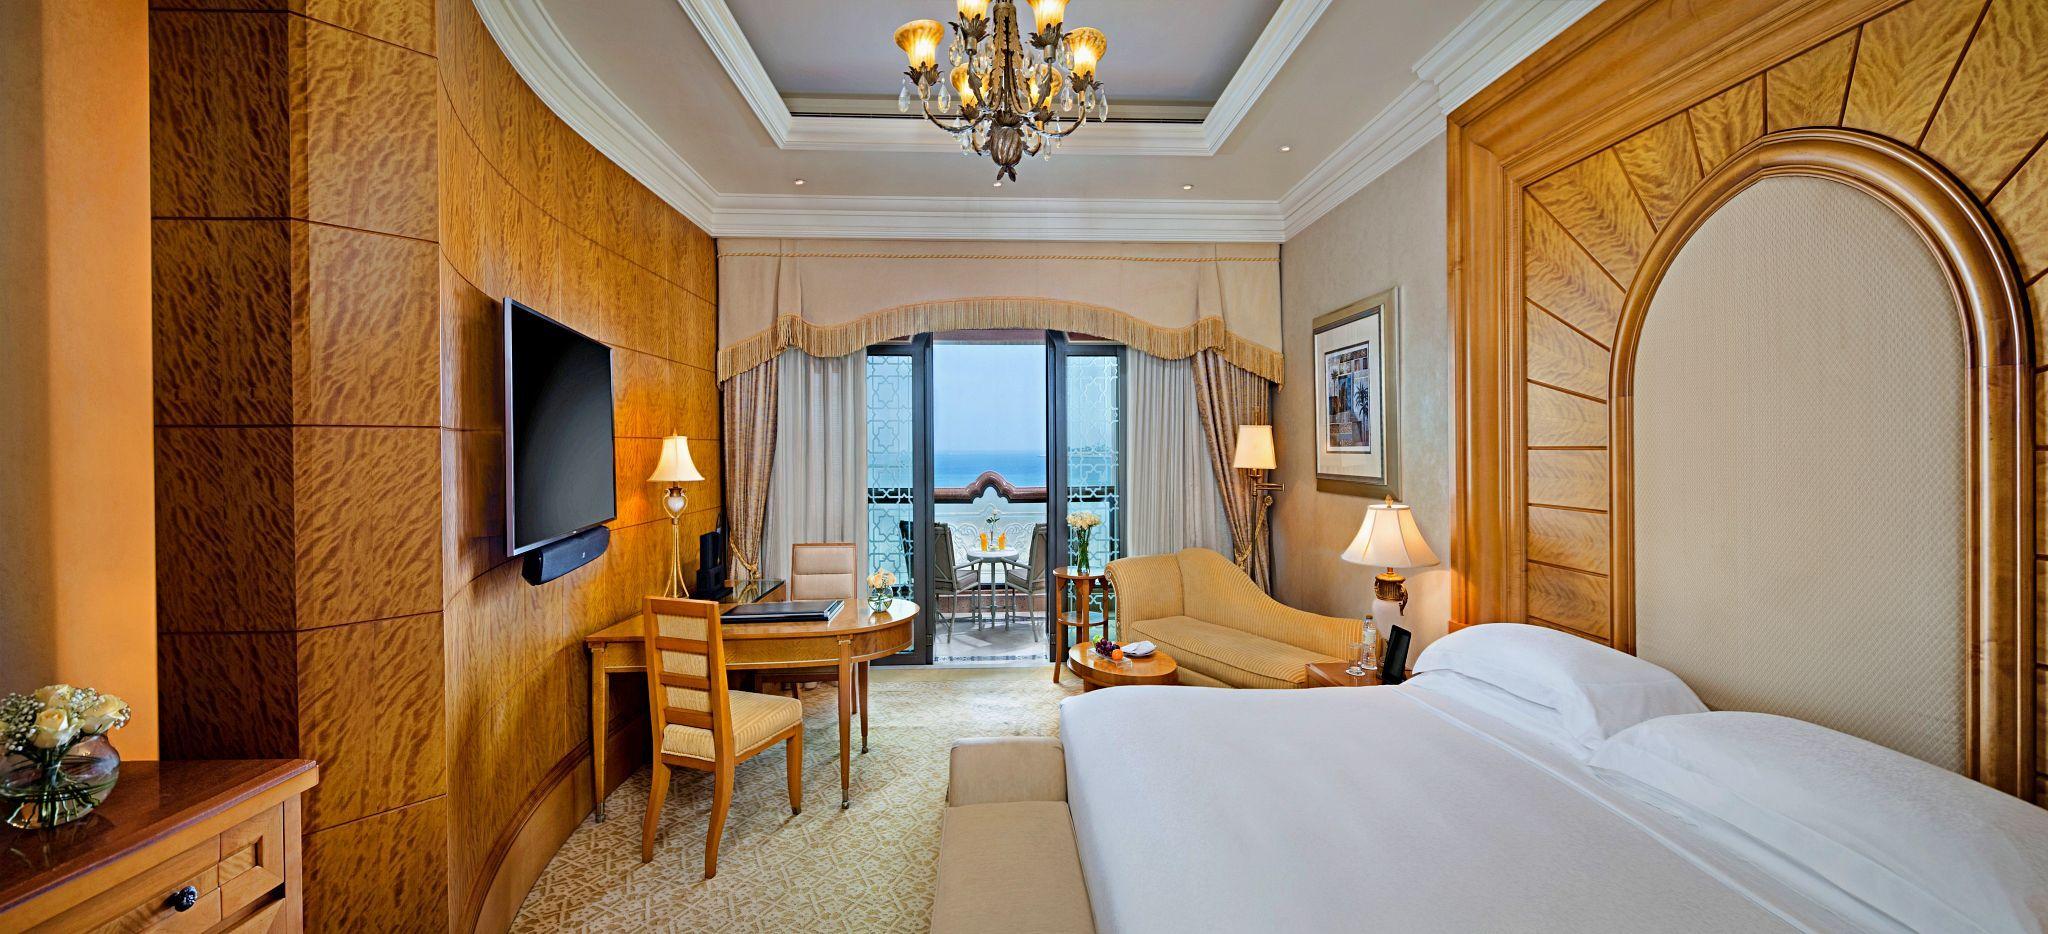 Diamond Room Hotelzimmer im Emirates Palace Abu Dhabi